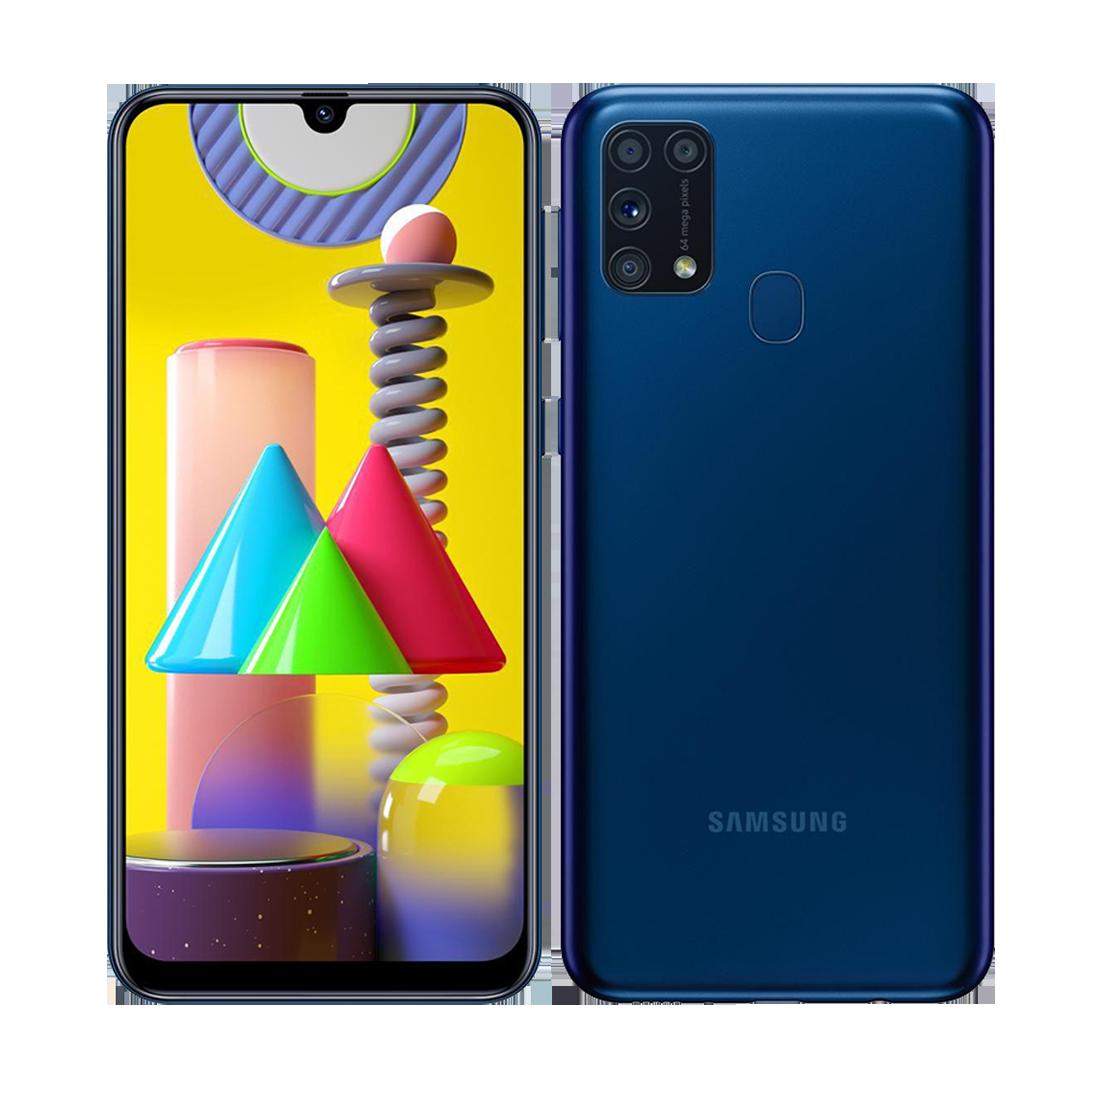 Comparativo: Moto G30 ou Galaxy M31; qual comprar?